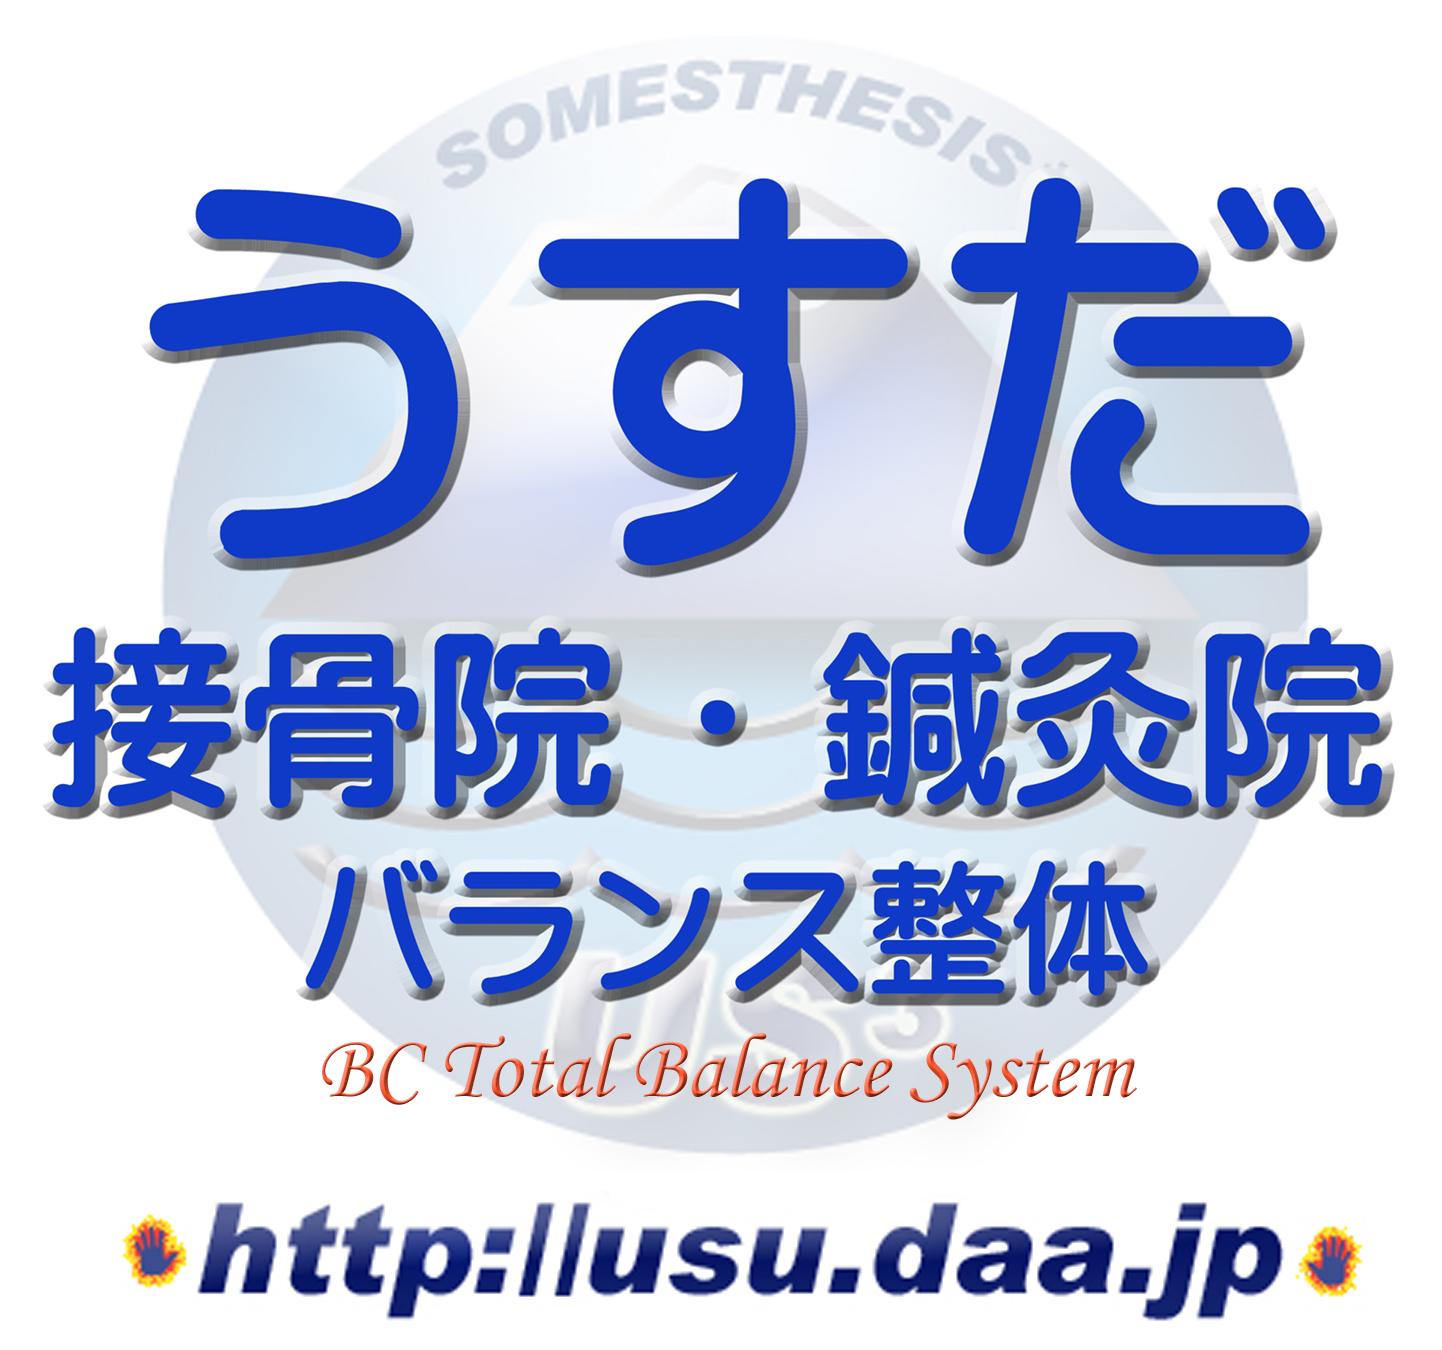 BCトータルバランスシステムで苦痛のない快適な生活を!!